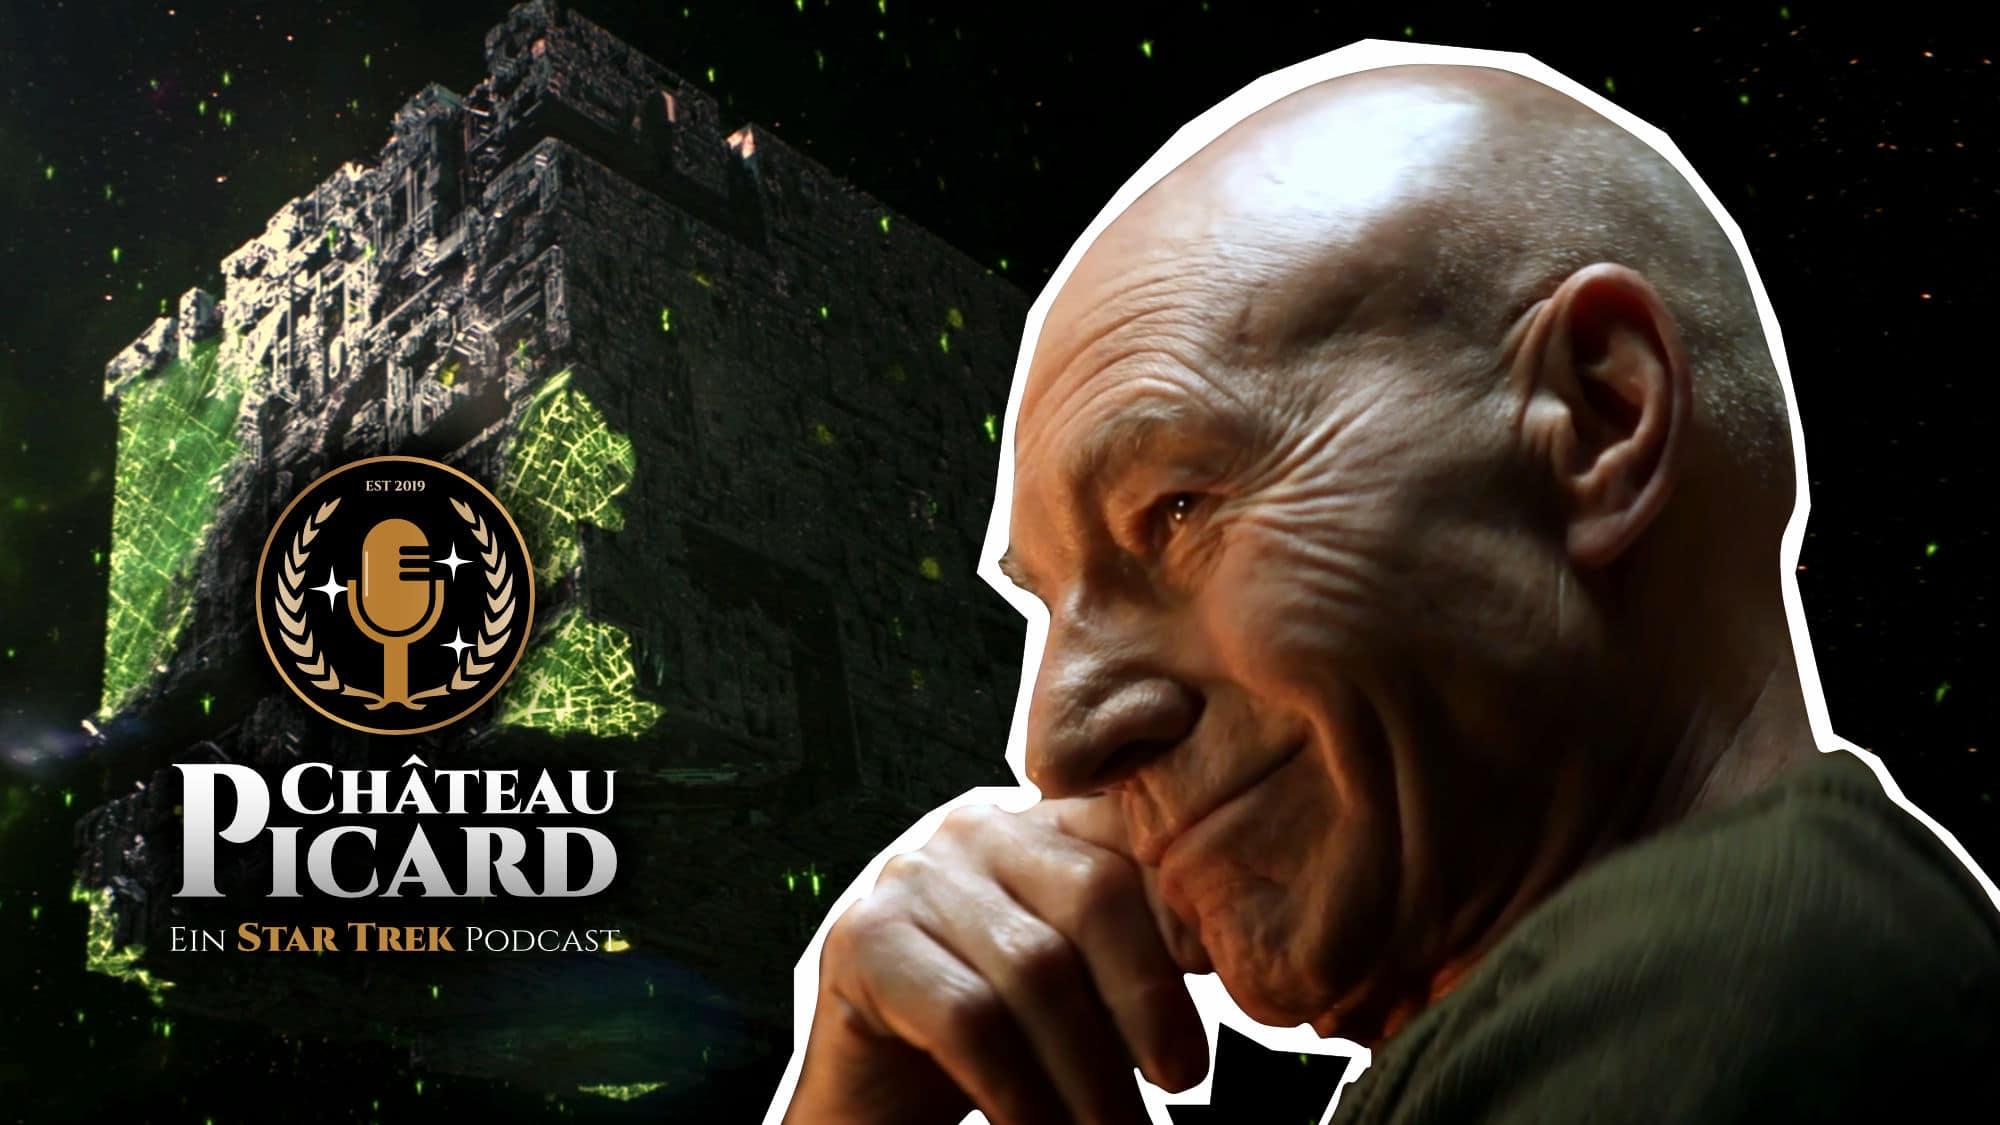 Folgenbild zur Folge Star Trek Picard: Review und Analyse zu Maps and Legends